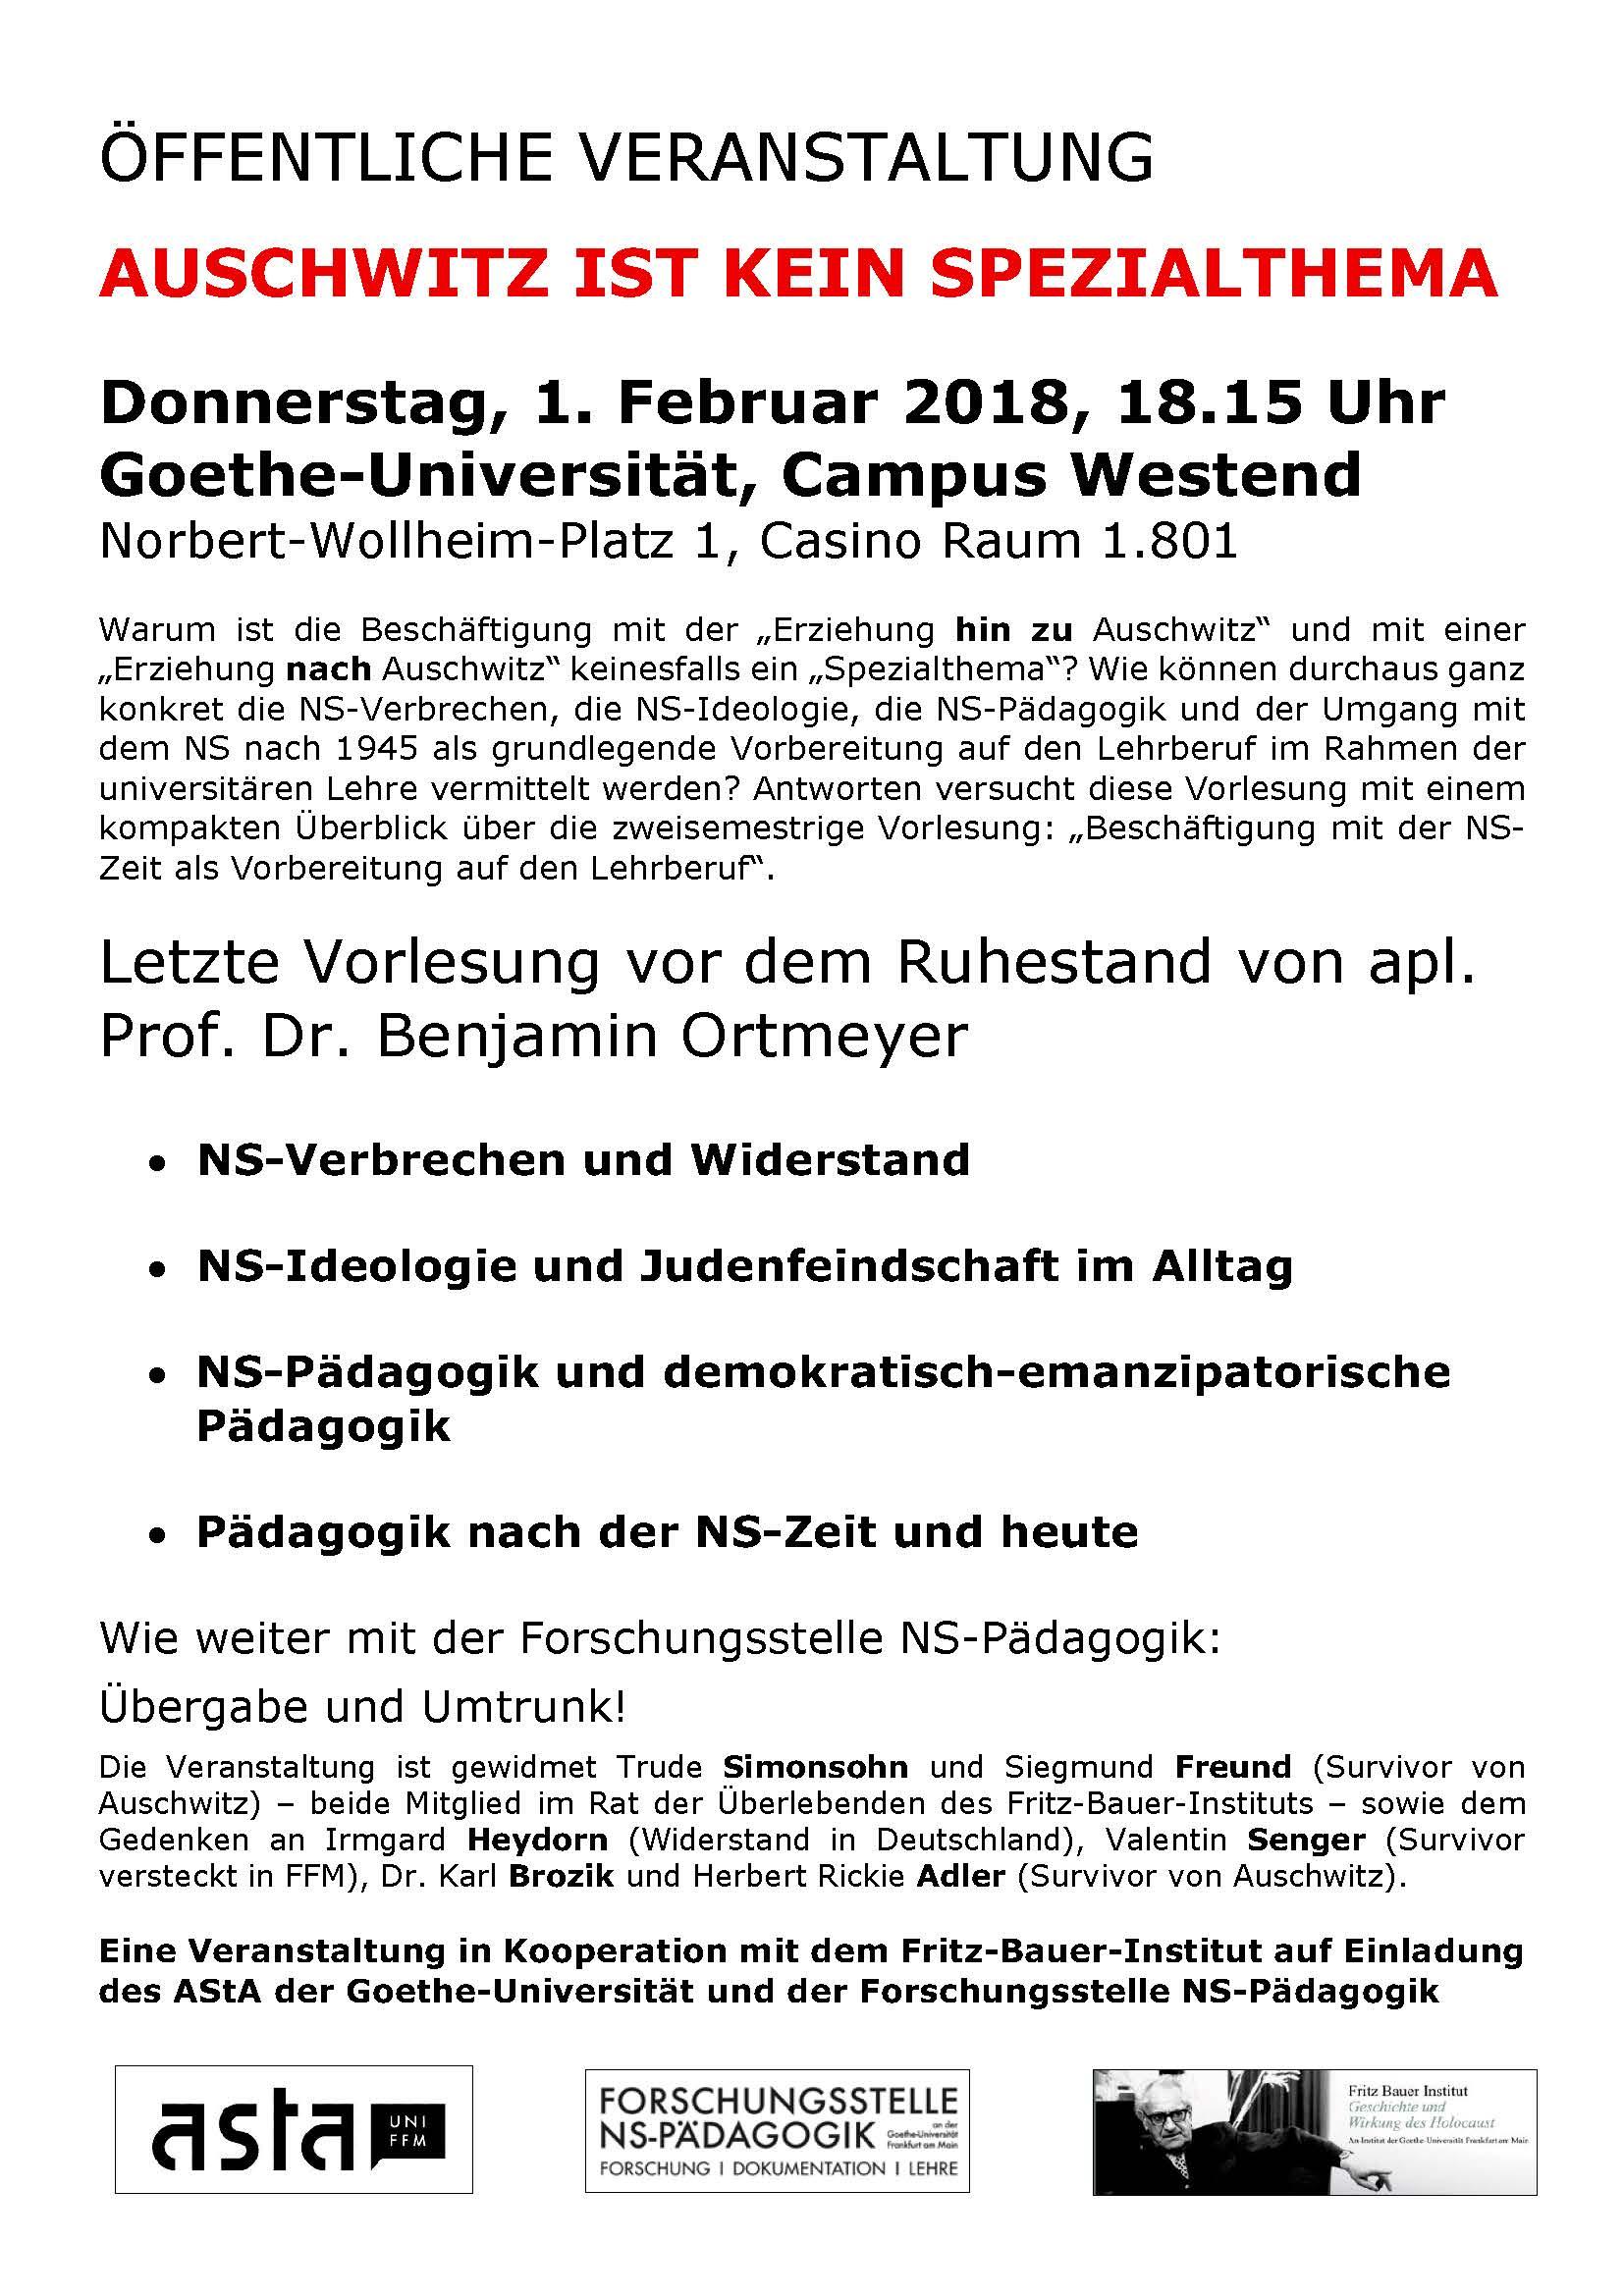 Einladung: Letzte Vorlesung vor dem Ruhestand 1.2.2018 ...